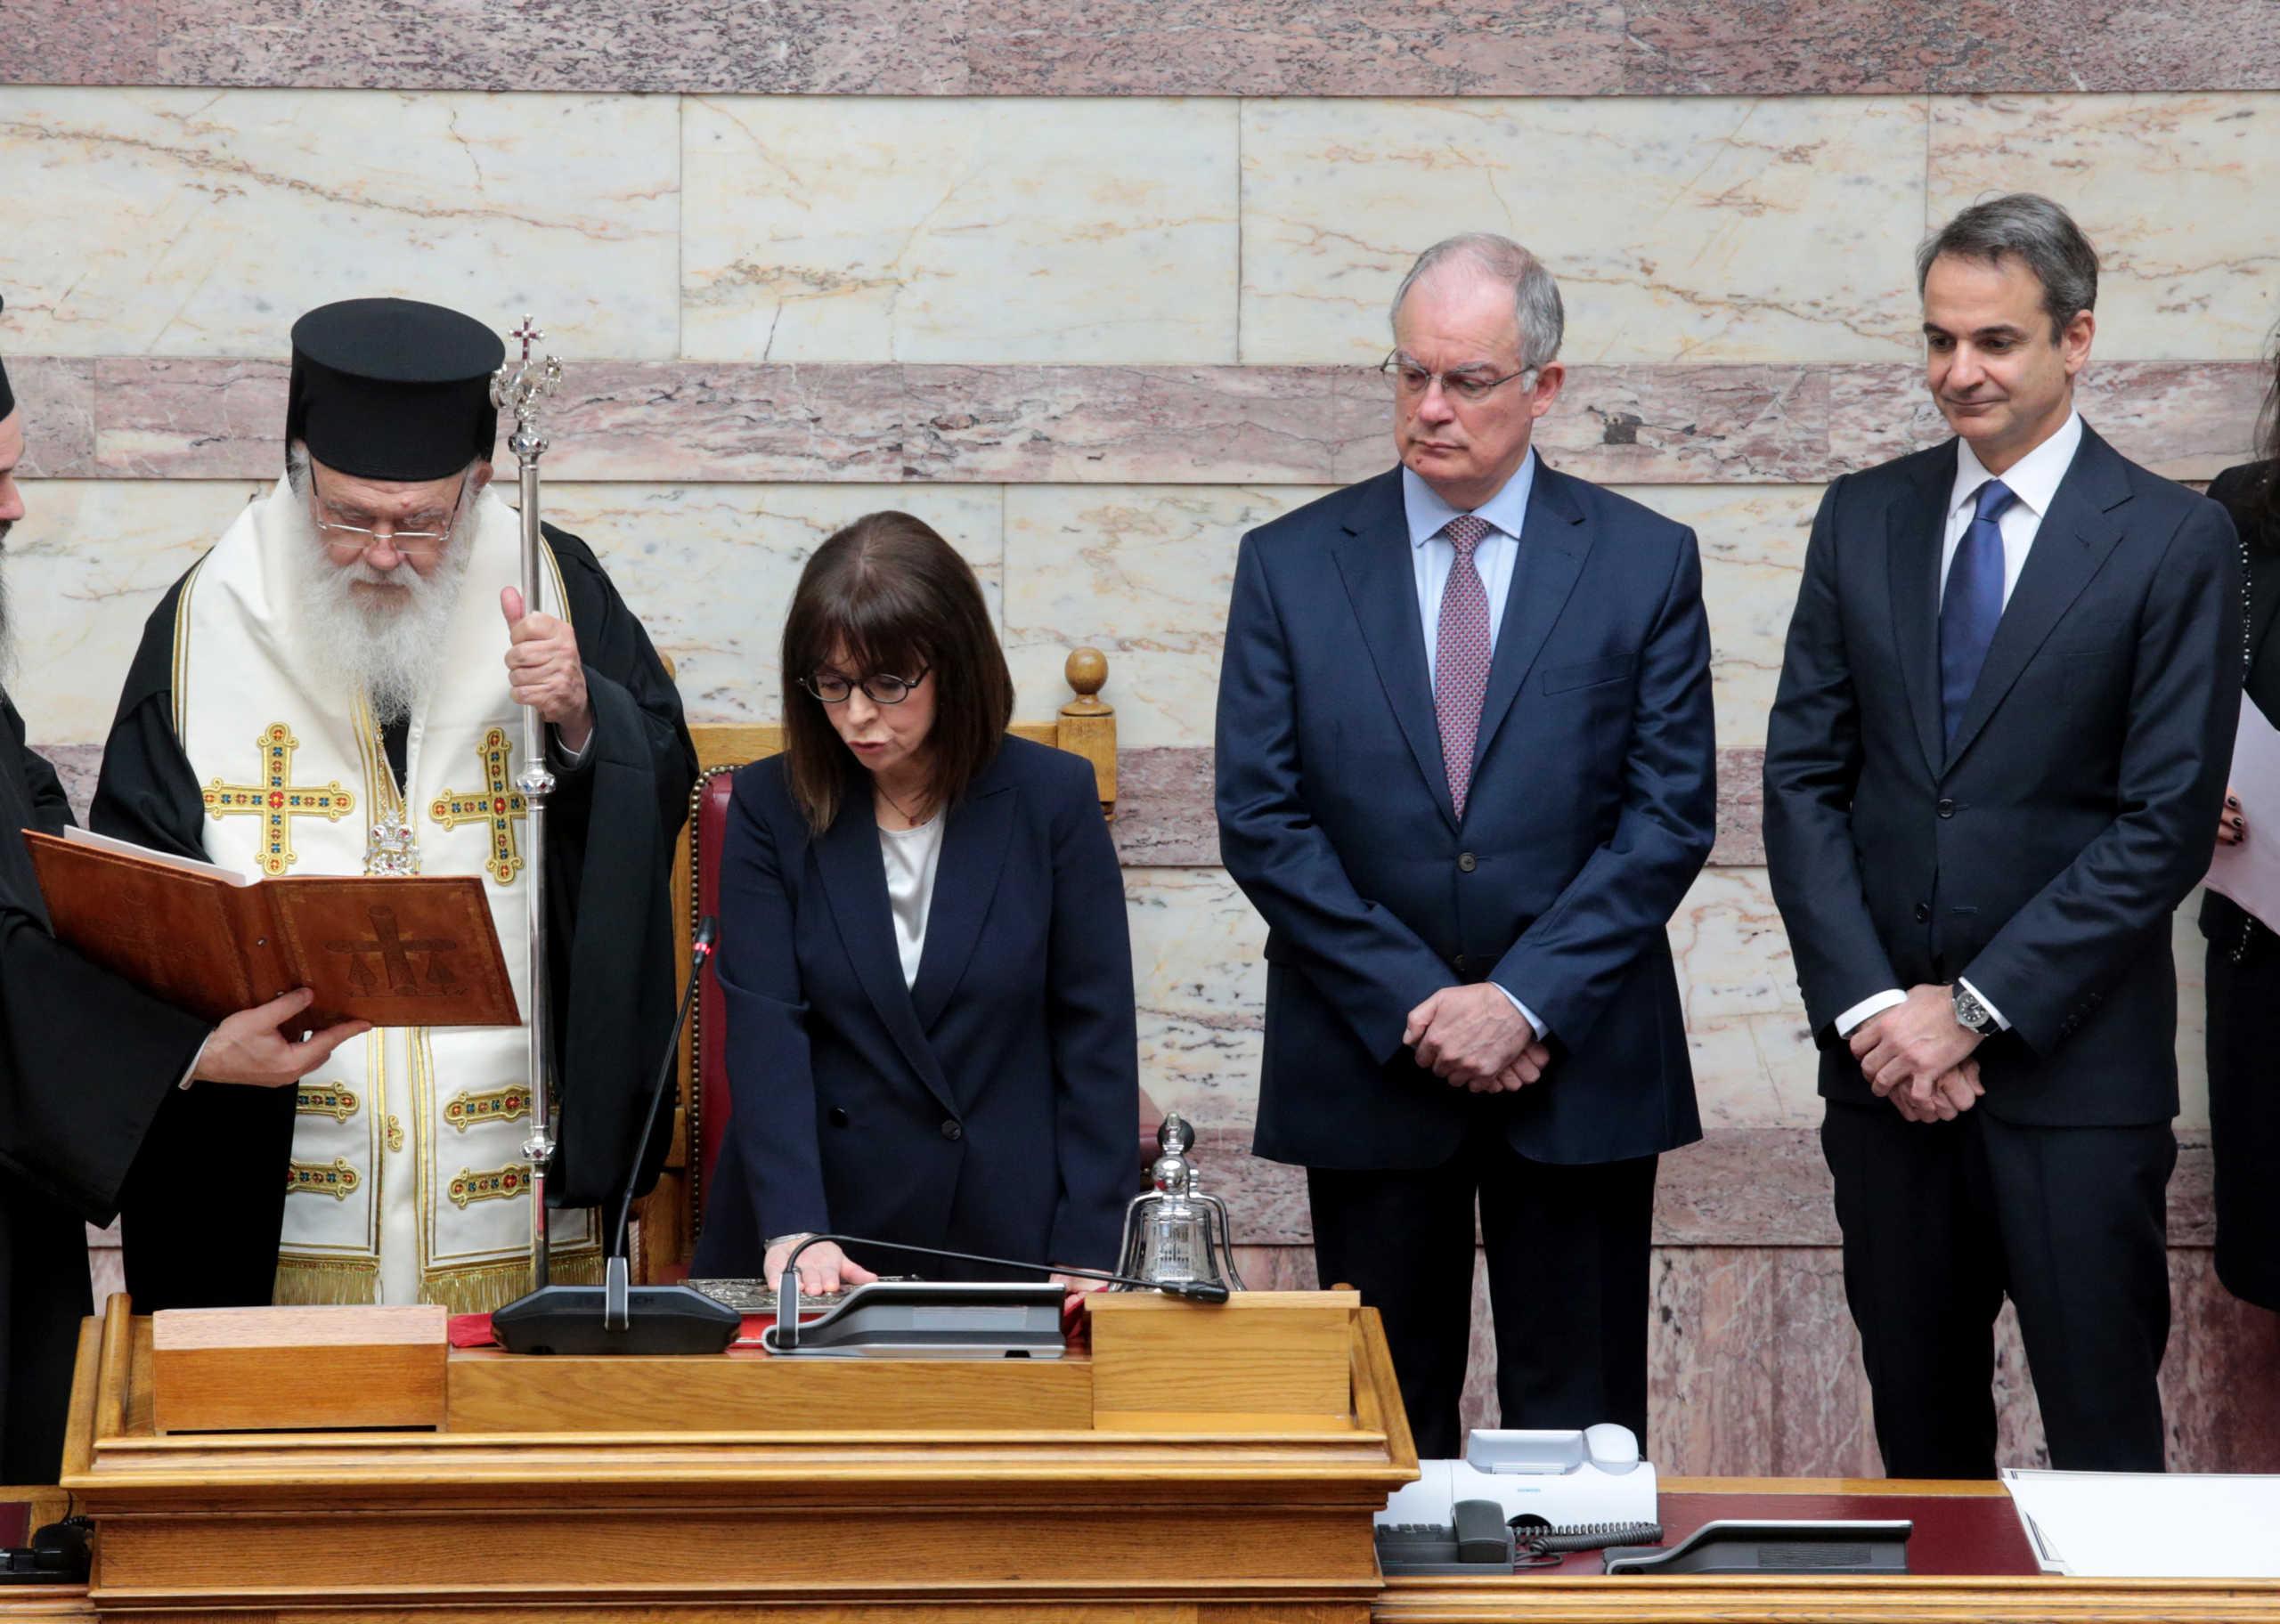 Ορκωμοσία στις μέρες του κορονοϊού! Και επίσημα Πρόεδρος η Αικατερίνη Σακελλαροπούλου